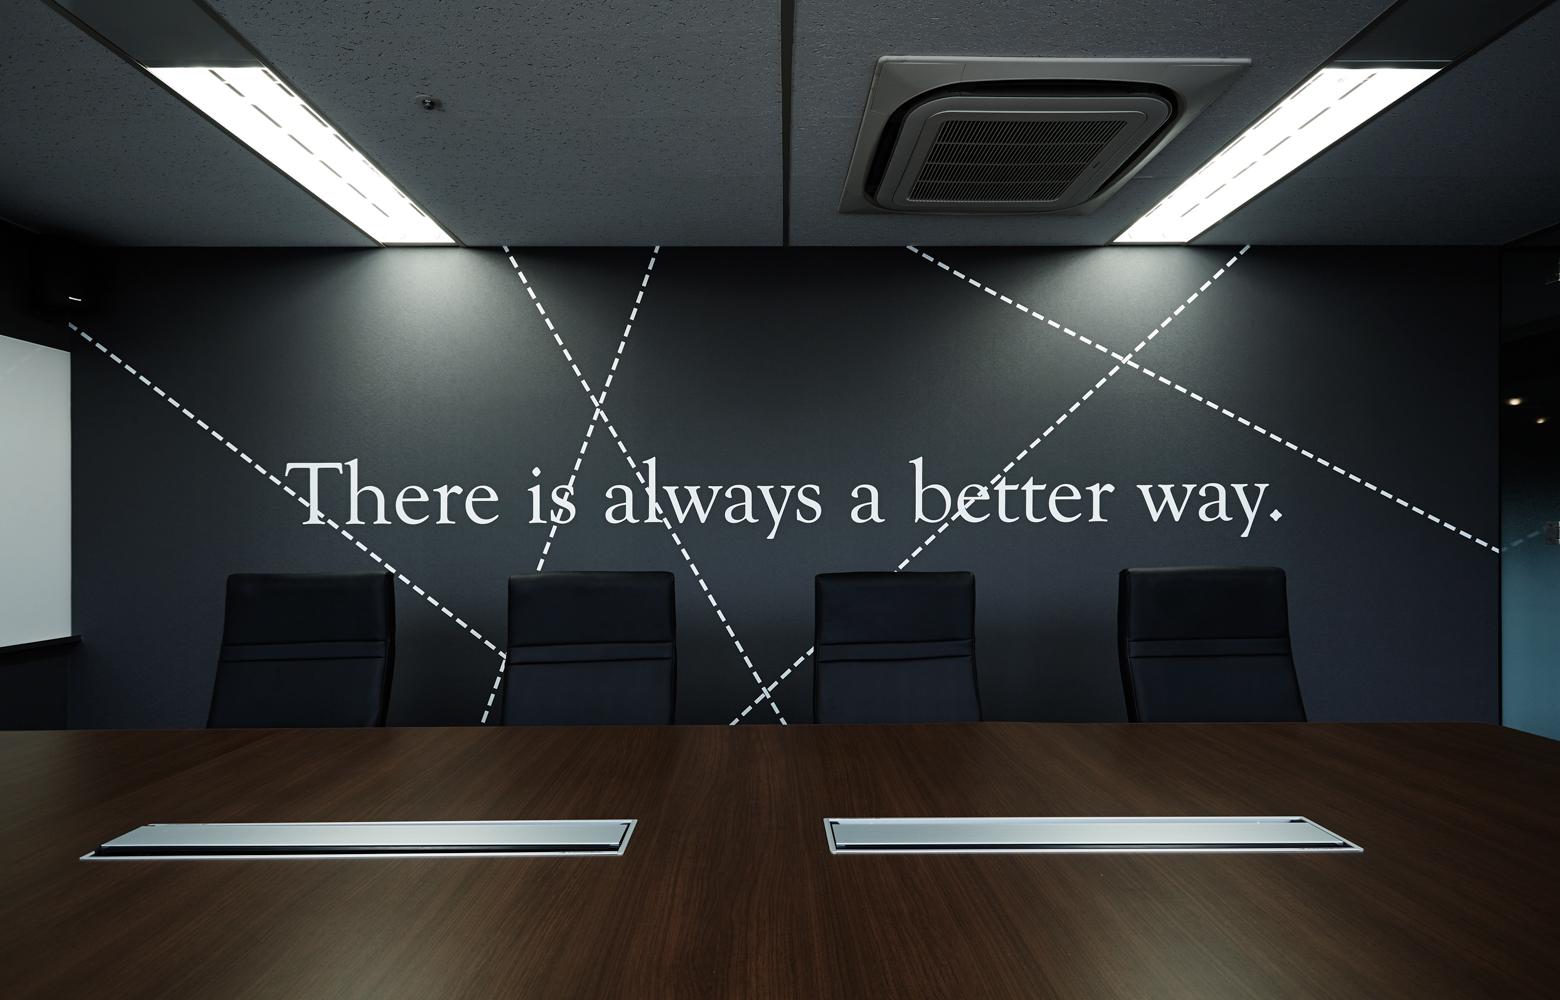 株式会社エイム・ソフト Meeting Room デザイン・レイアウト事例